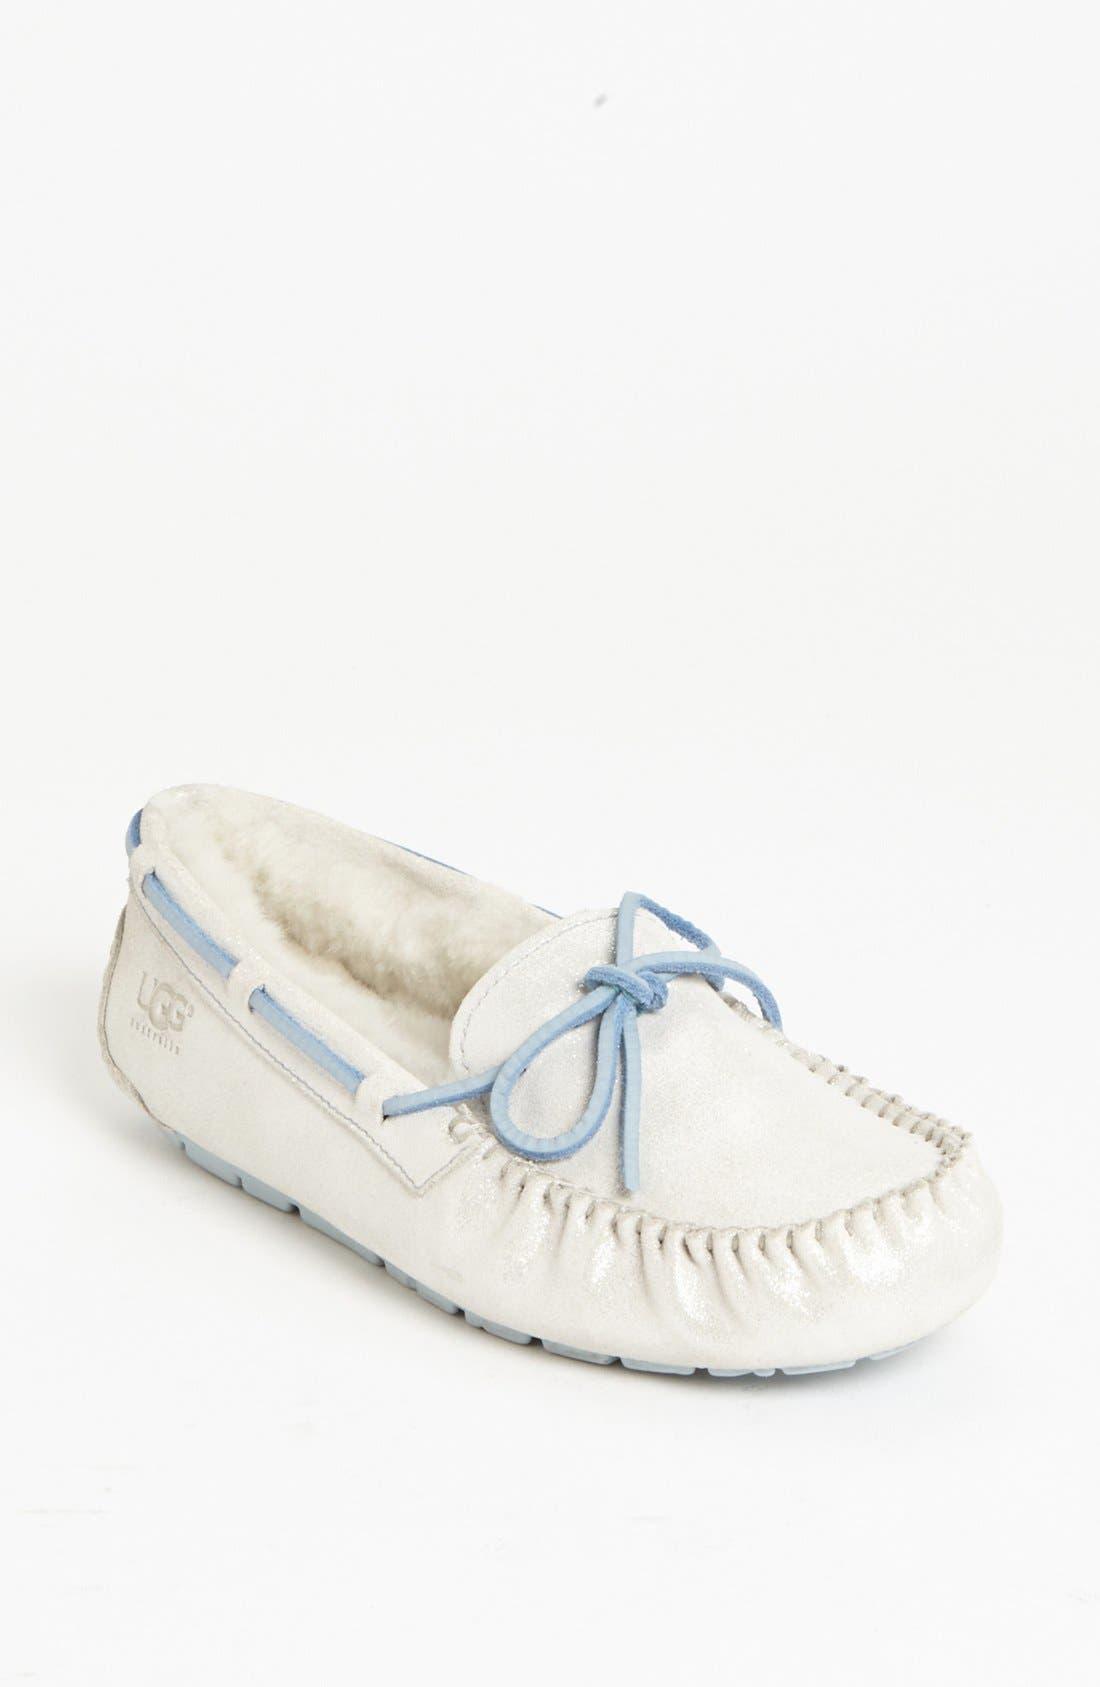 Alternate Image 1 Selected - UGG® Australia 'Dakota - I Do' Moccasin Slipper (Women)